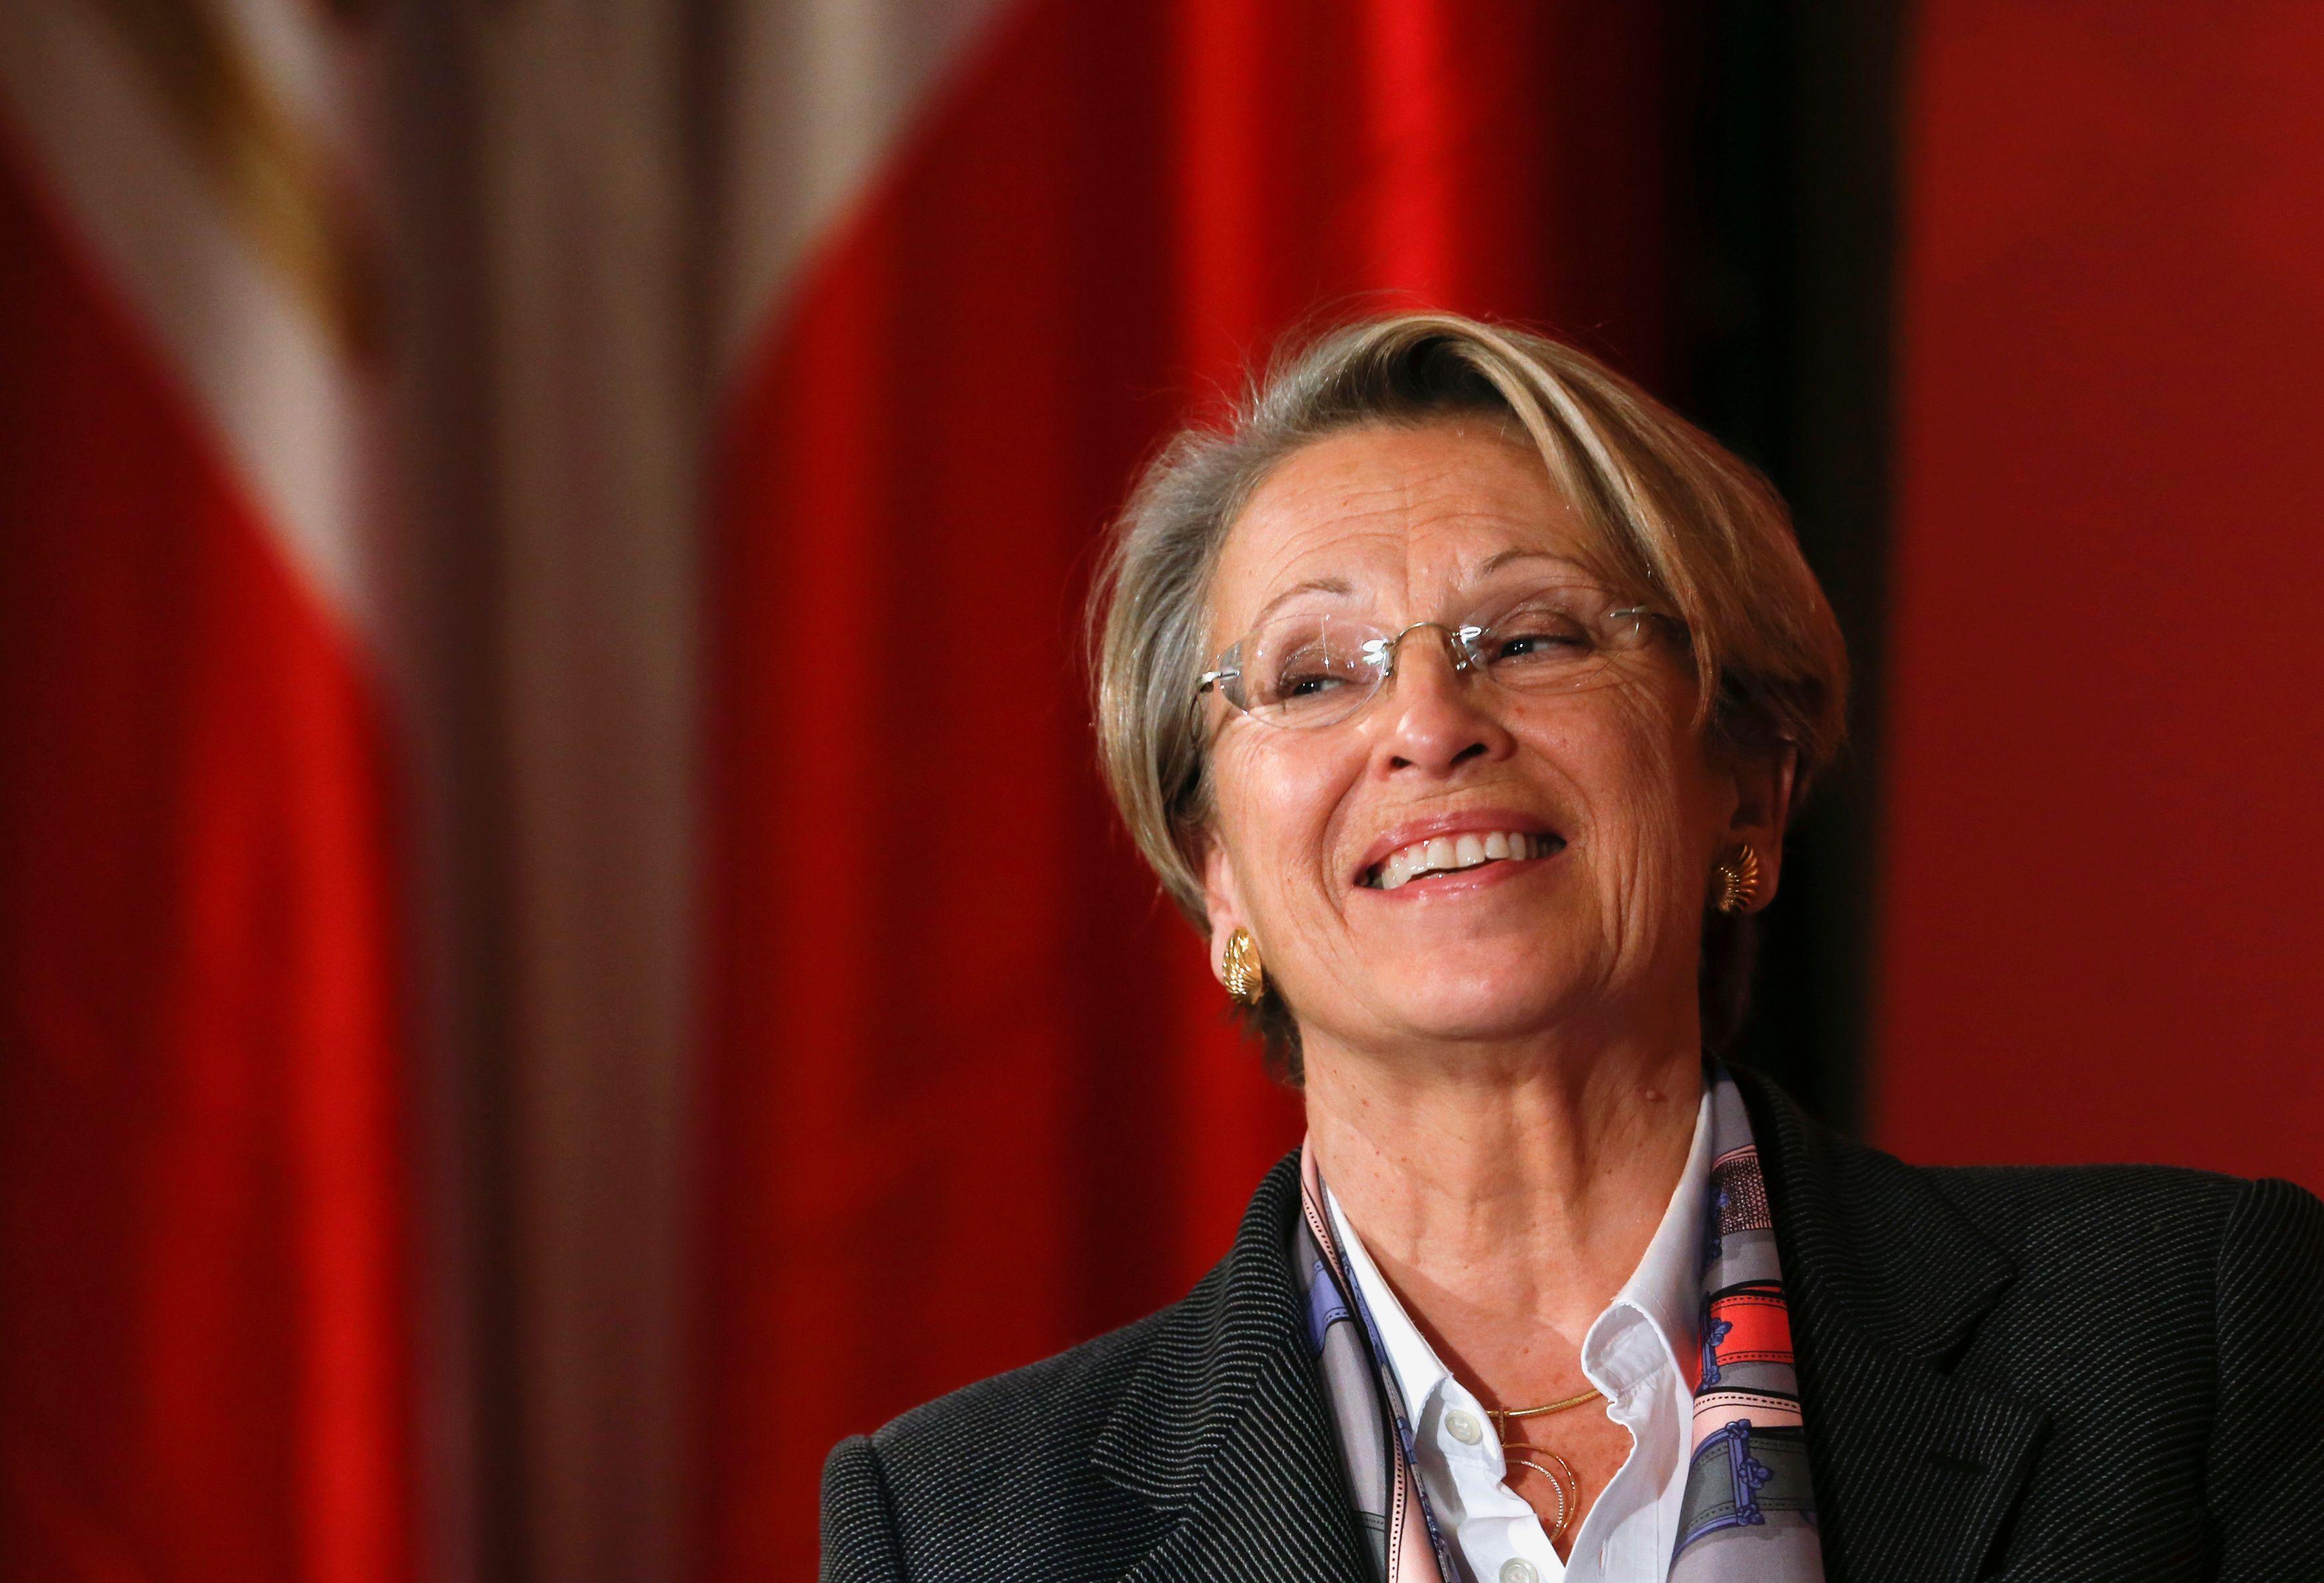 """Penelopegate : """"plus personne ne respecte les grands principes"""" s'alarme Michèle Alliot-Marie"""